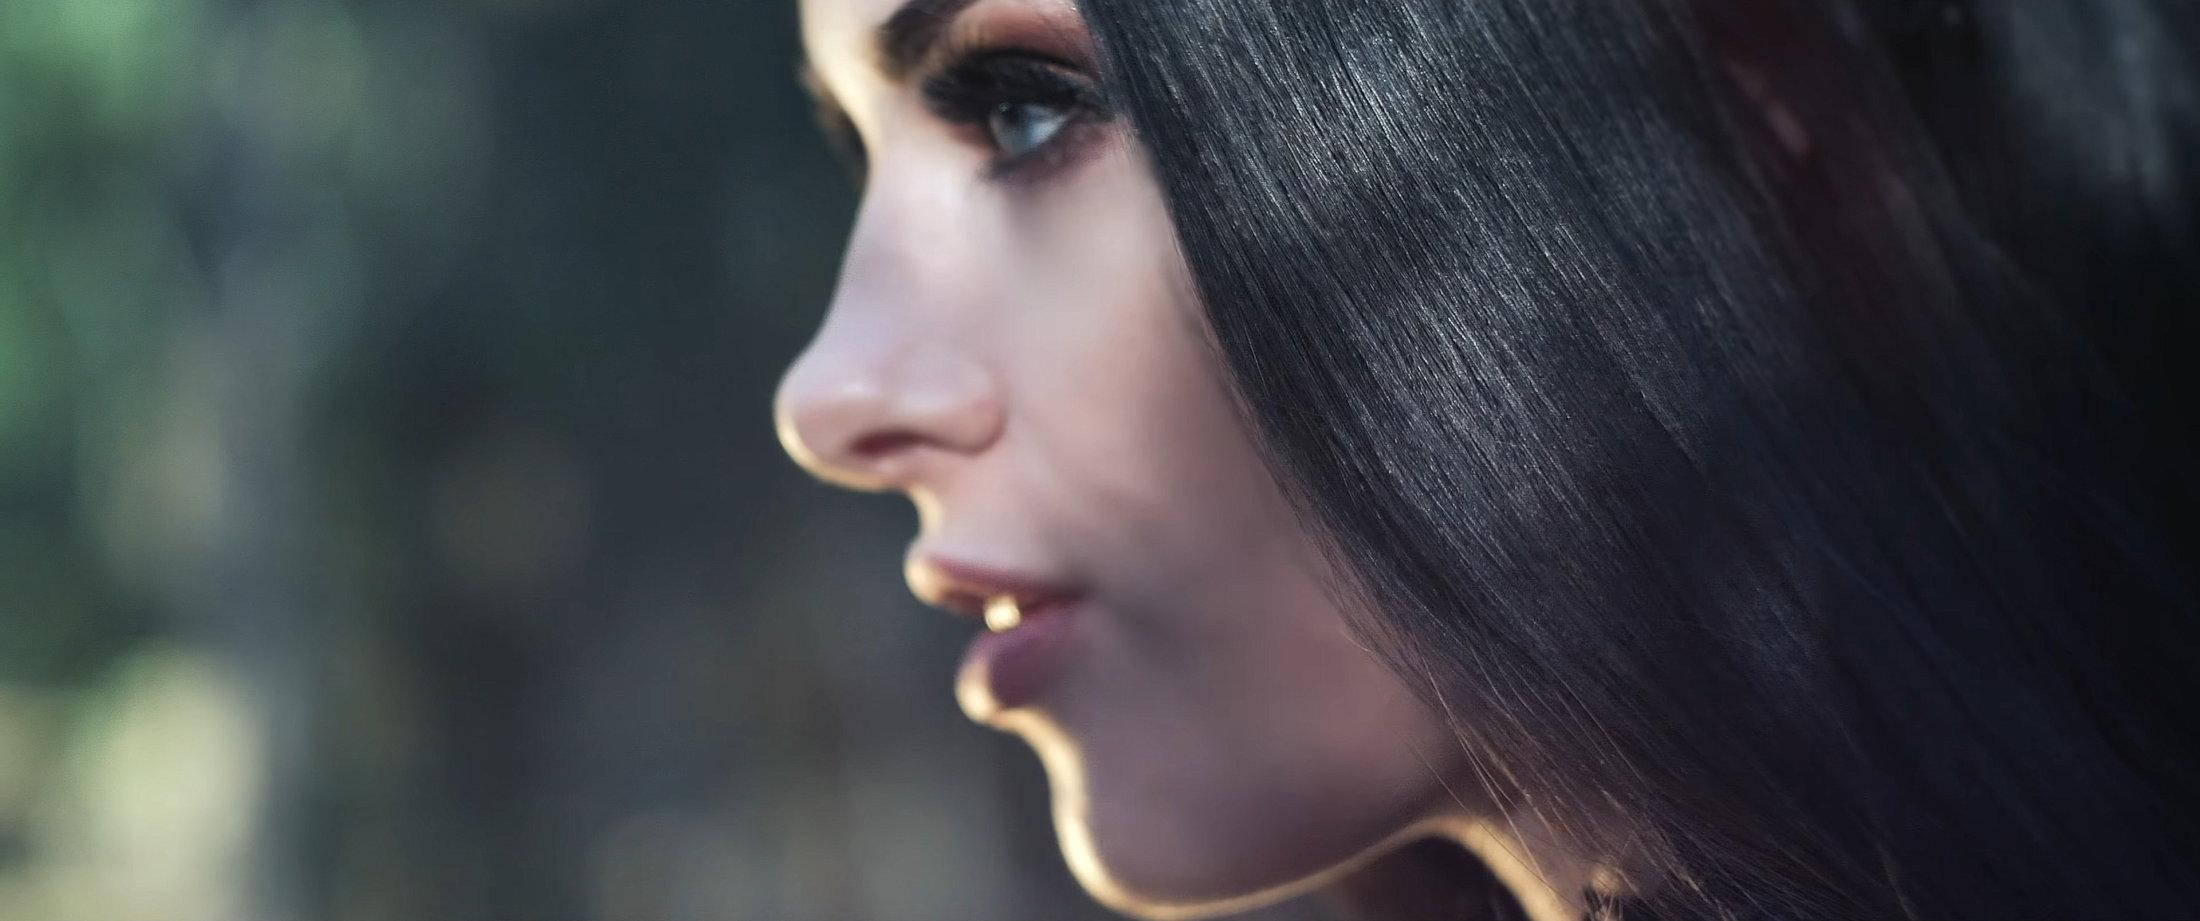 OMNIMAR - Feels Like Velvet (Official Video) 1-2 Screenshot